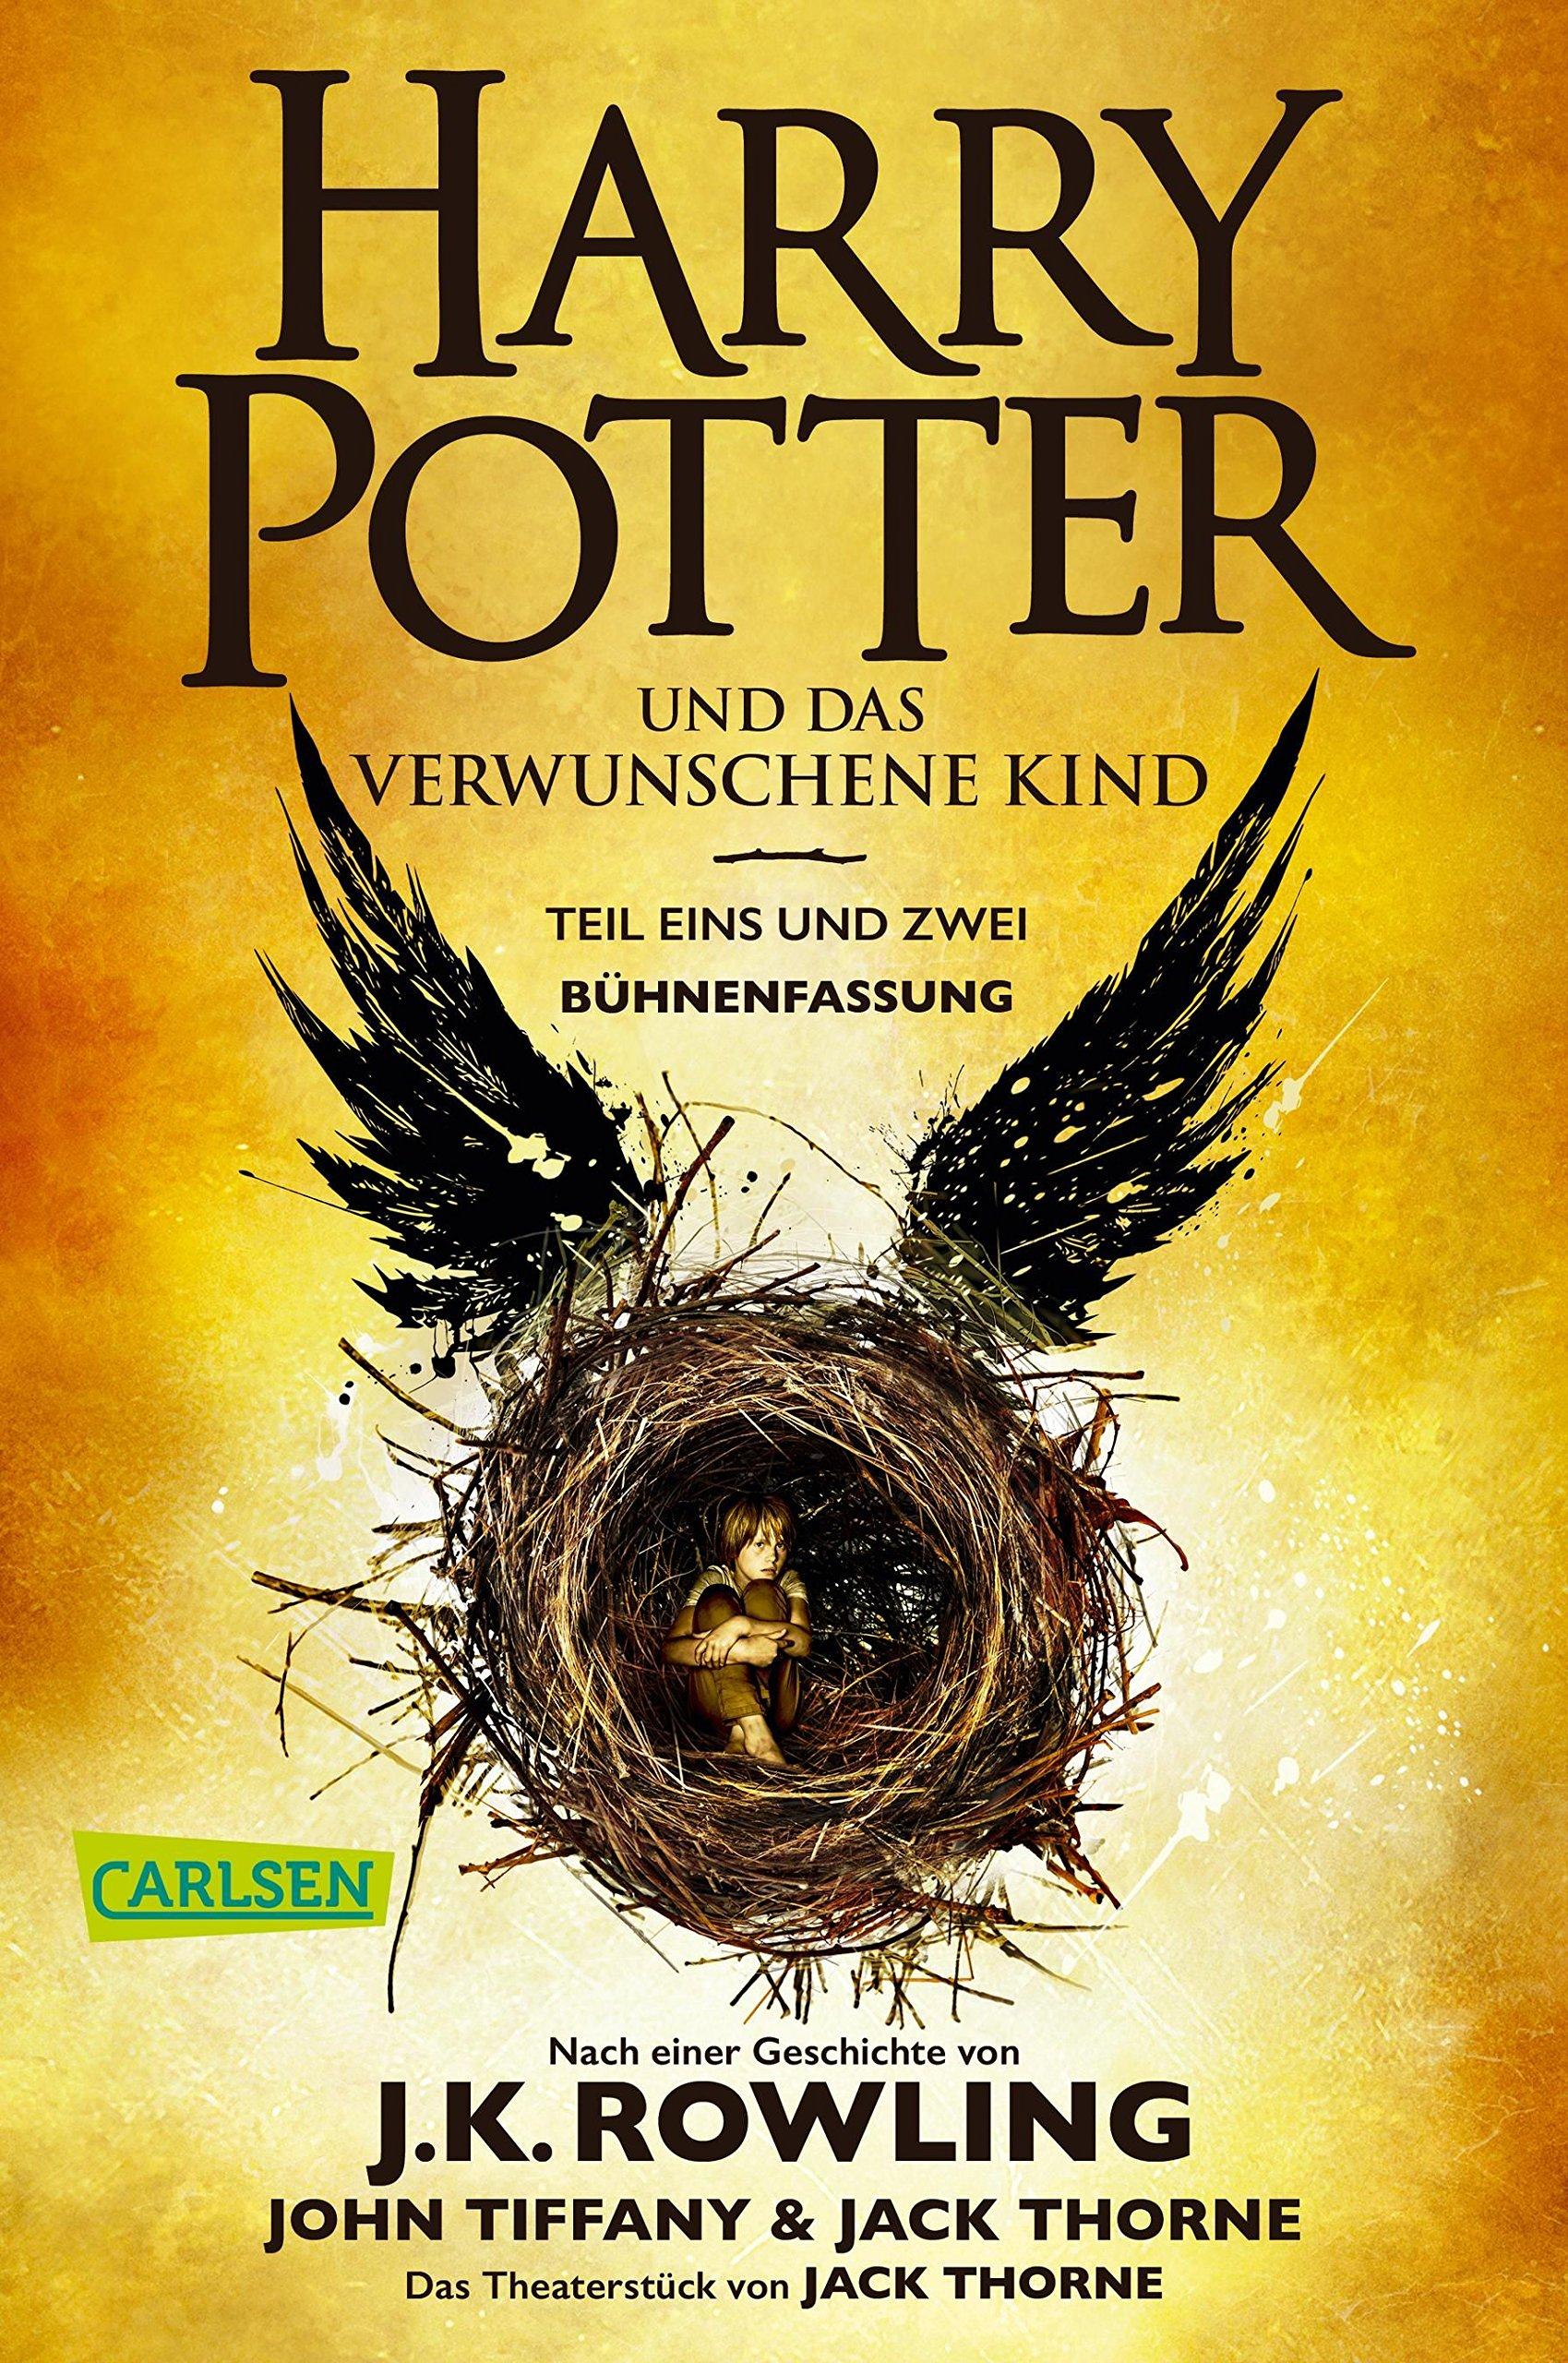 Harry Potter und das verwunschene Kind. Teil eins und zwei (Bühnenfassung) (Harry Potter )